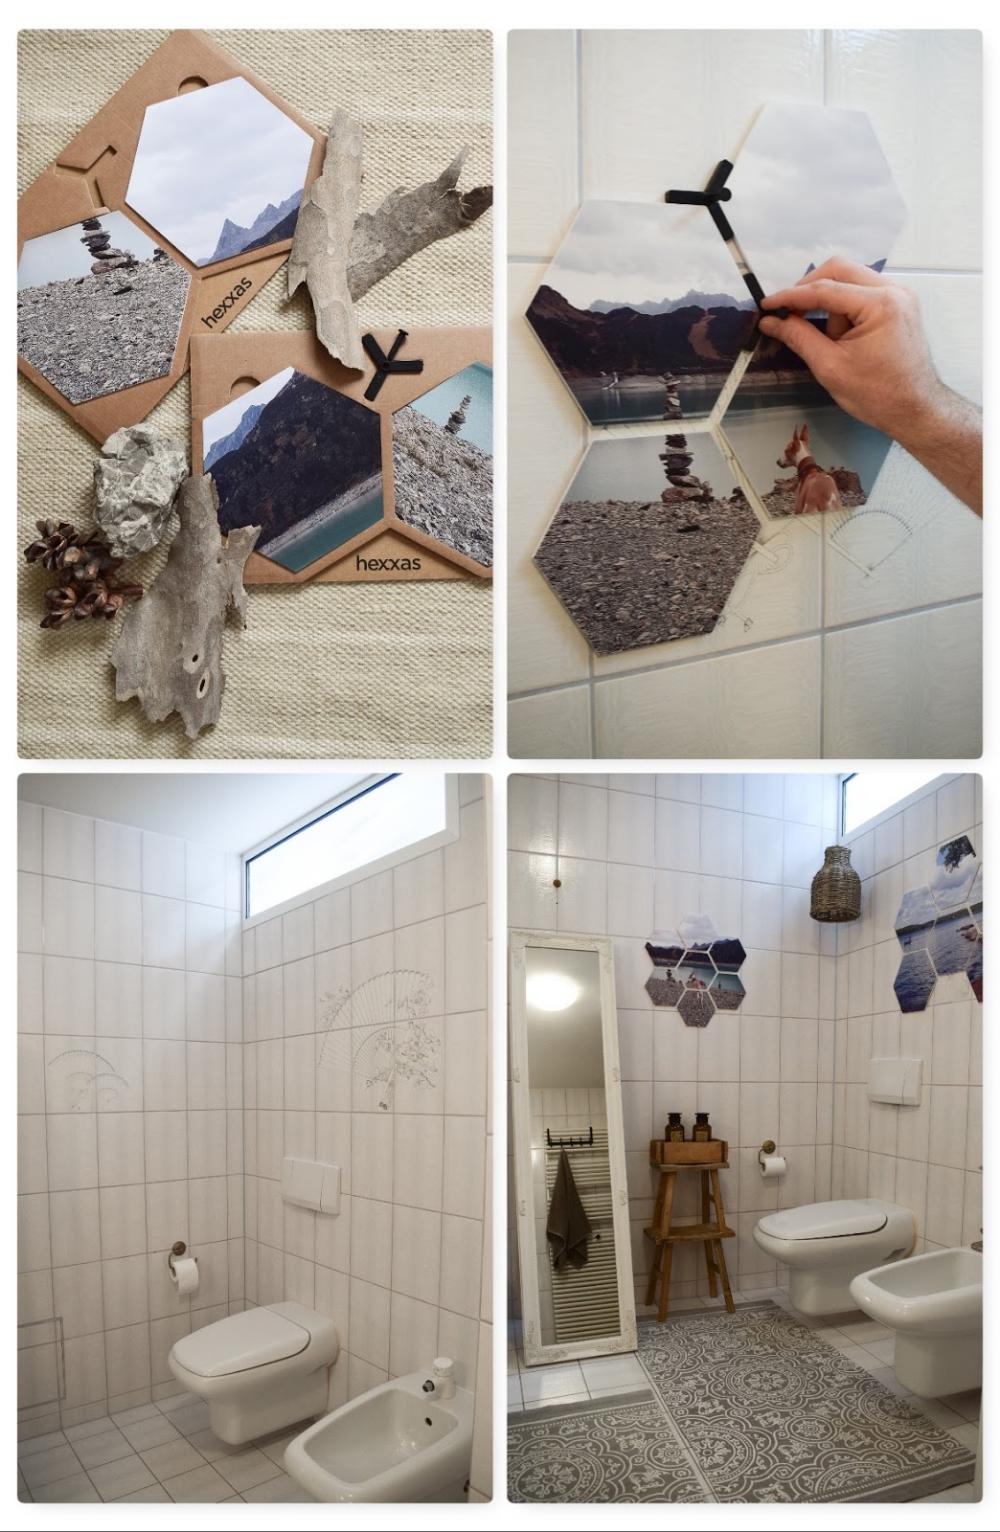 Badezimmer Ideen Wandgestaltung Mit Hexxas Von Cewe Einfach Bild Auswahlen Und An Die Wand In 2020 Badezimmerideen Wandgestaltung Babyzimmer Wandgestaltung